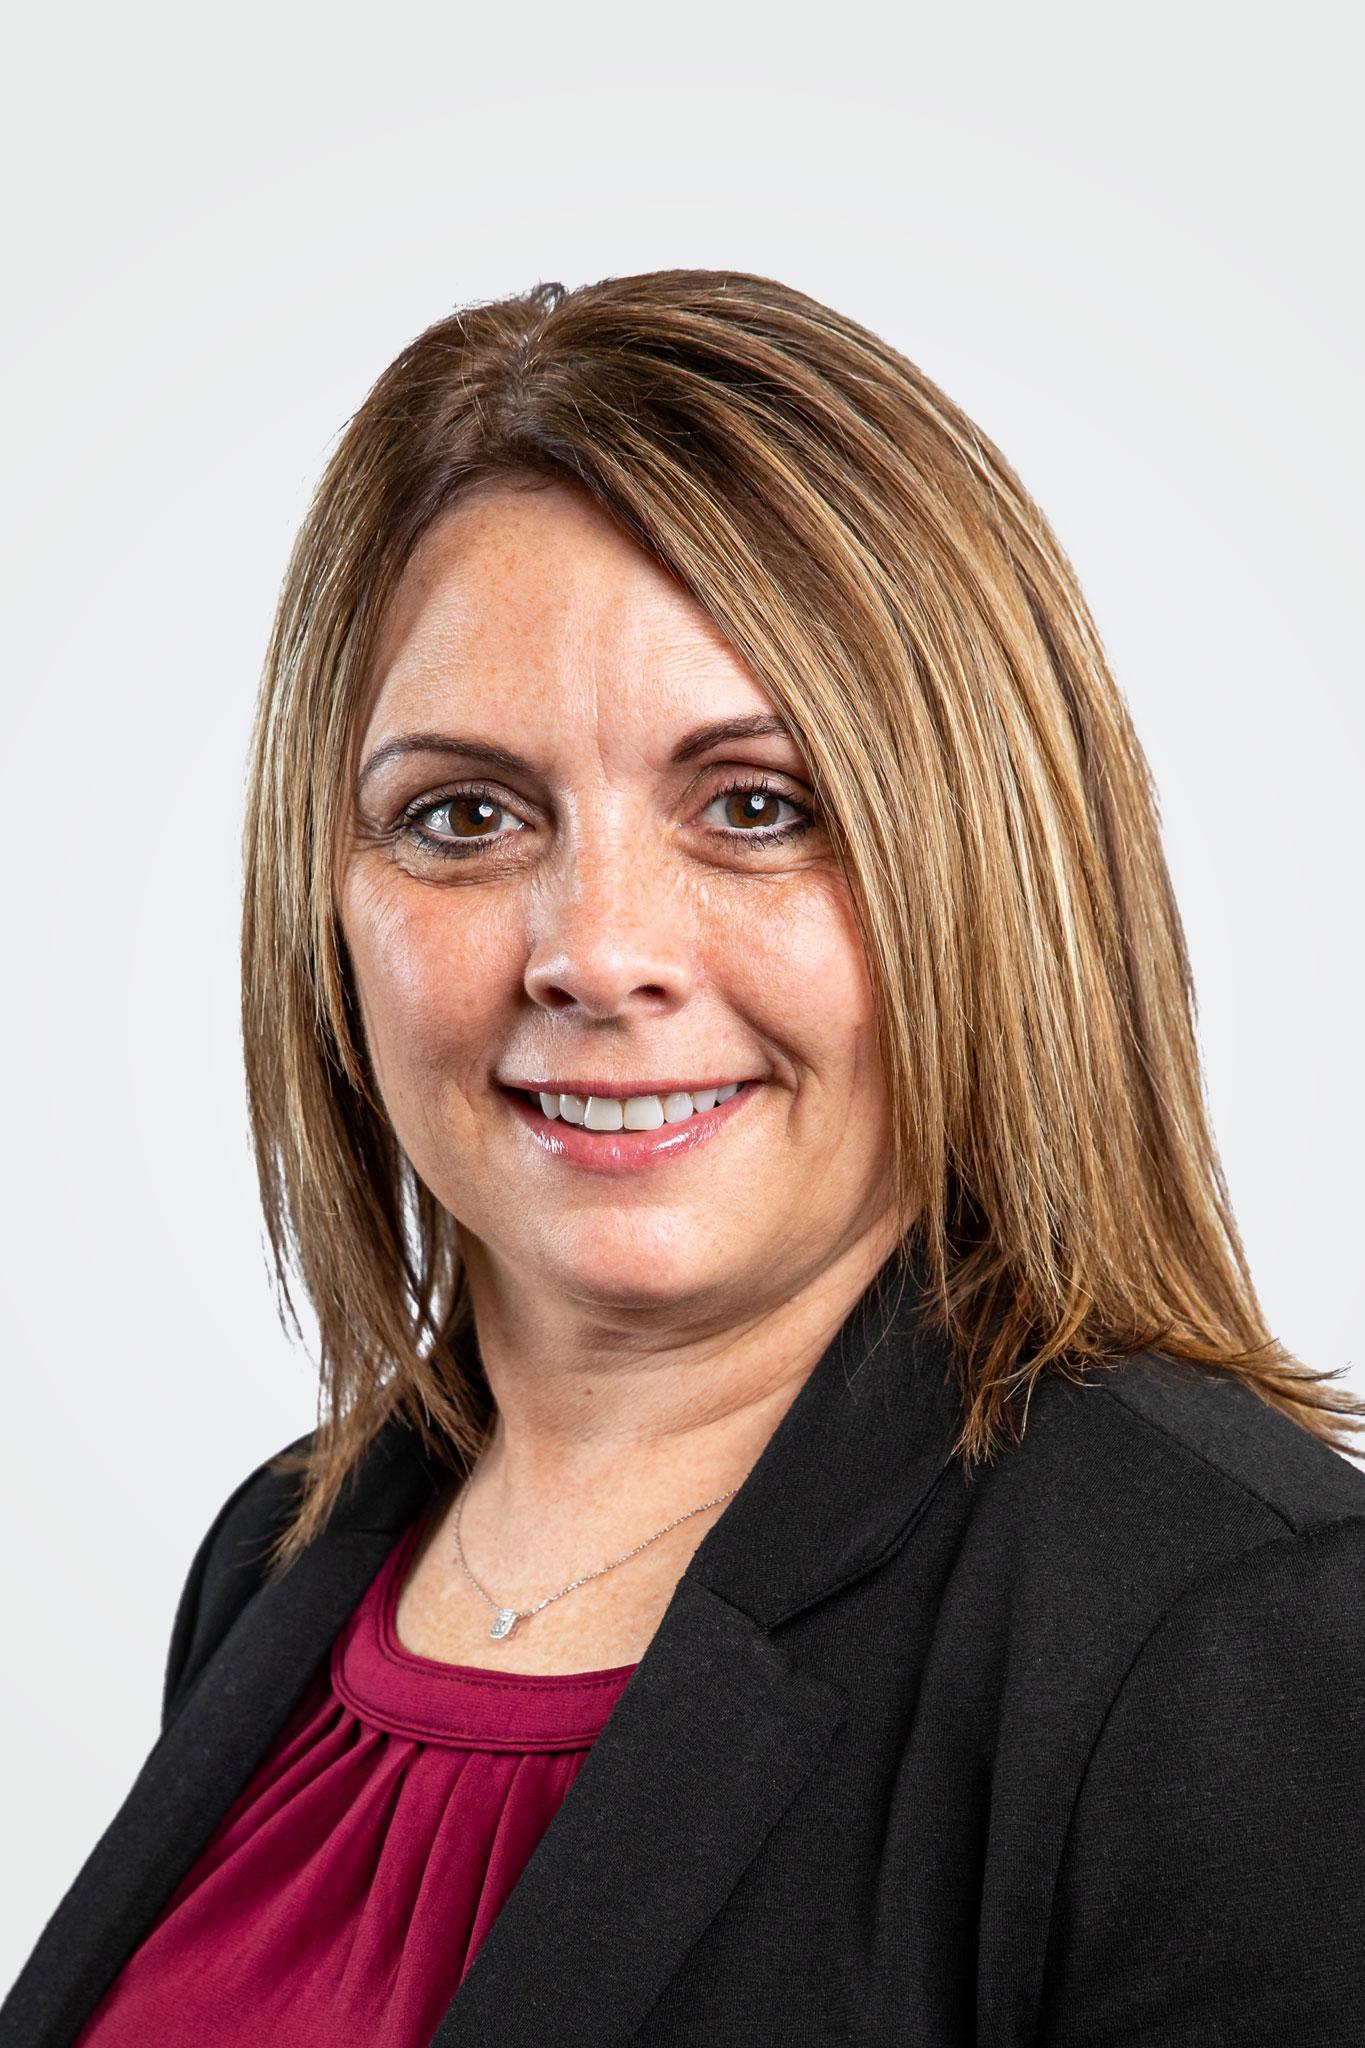 Headshot of Brenda Brooks